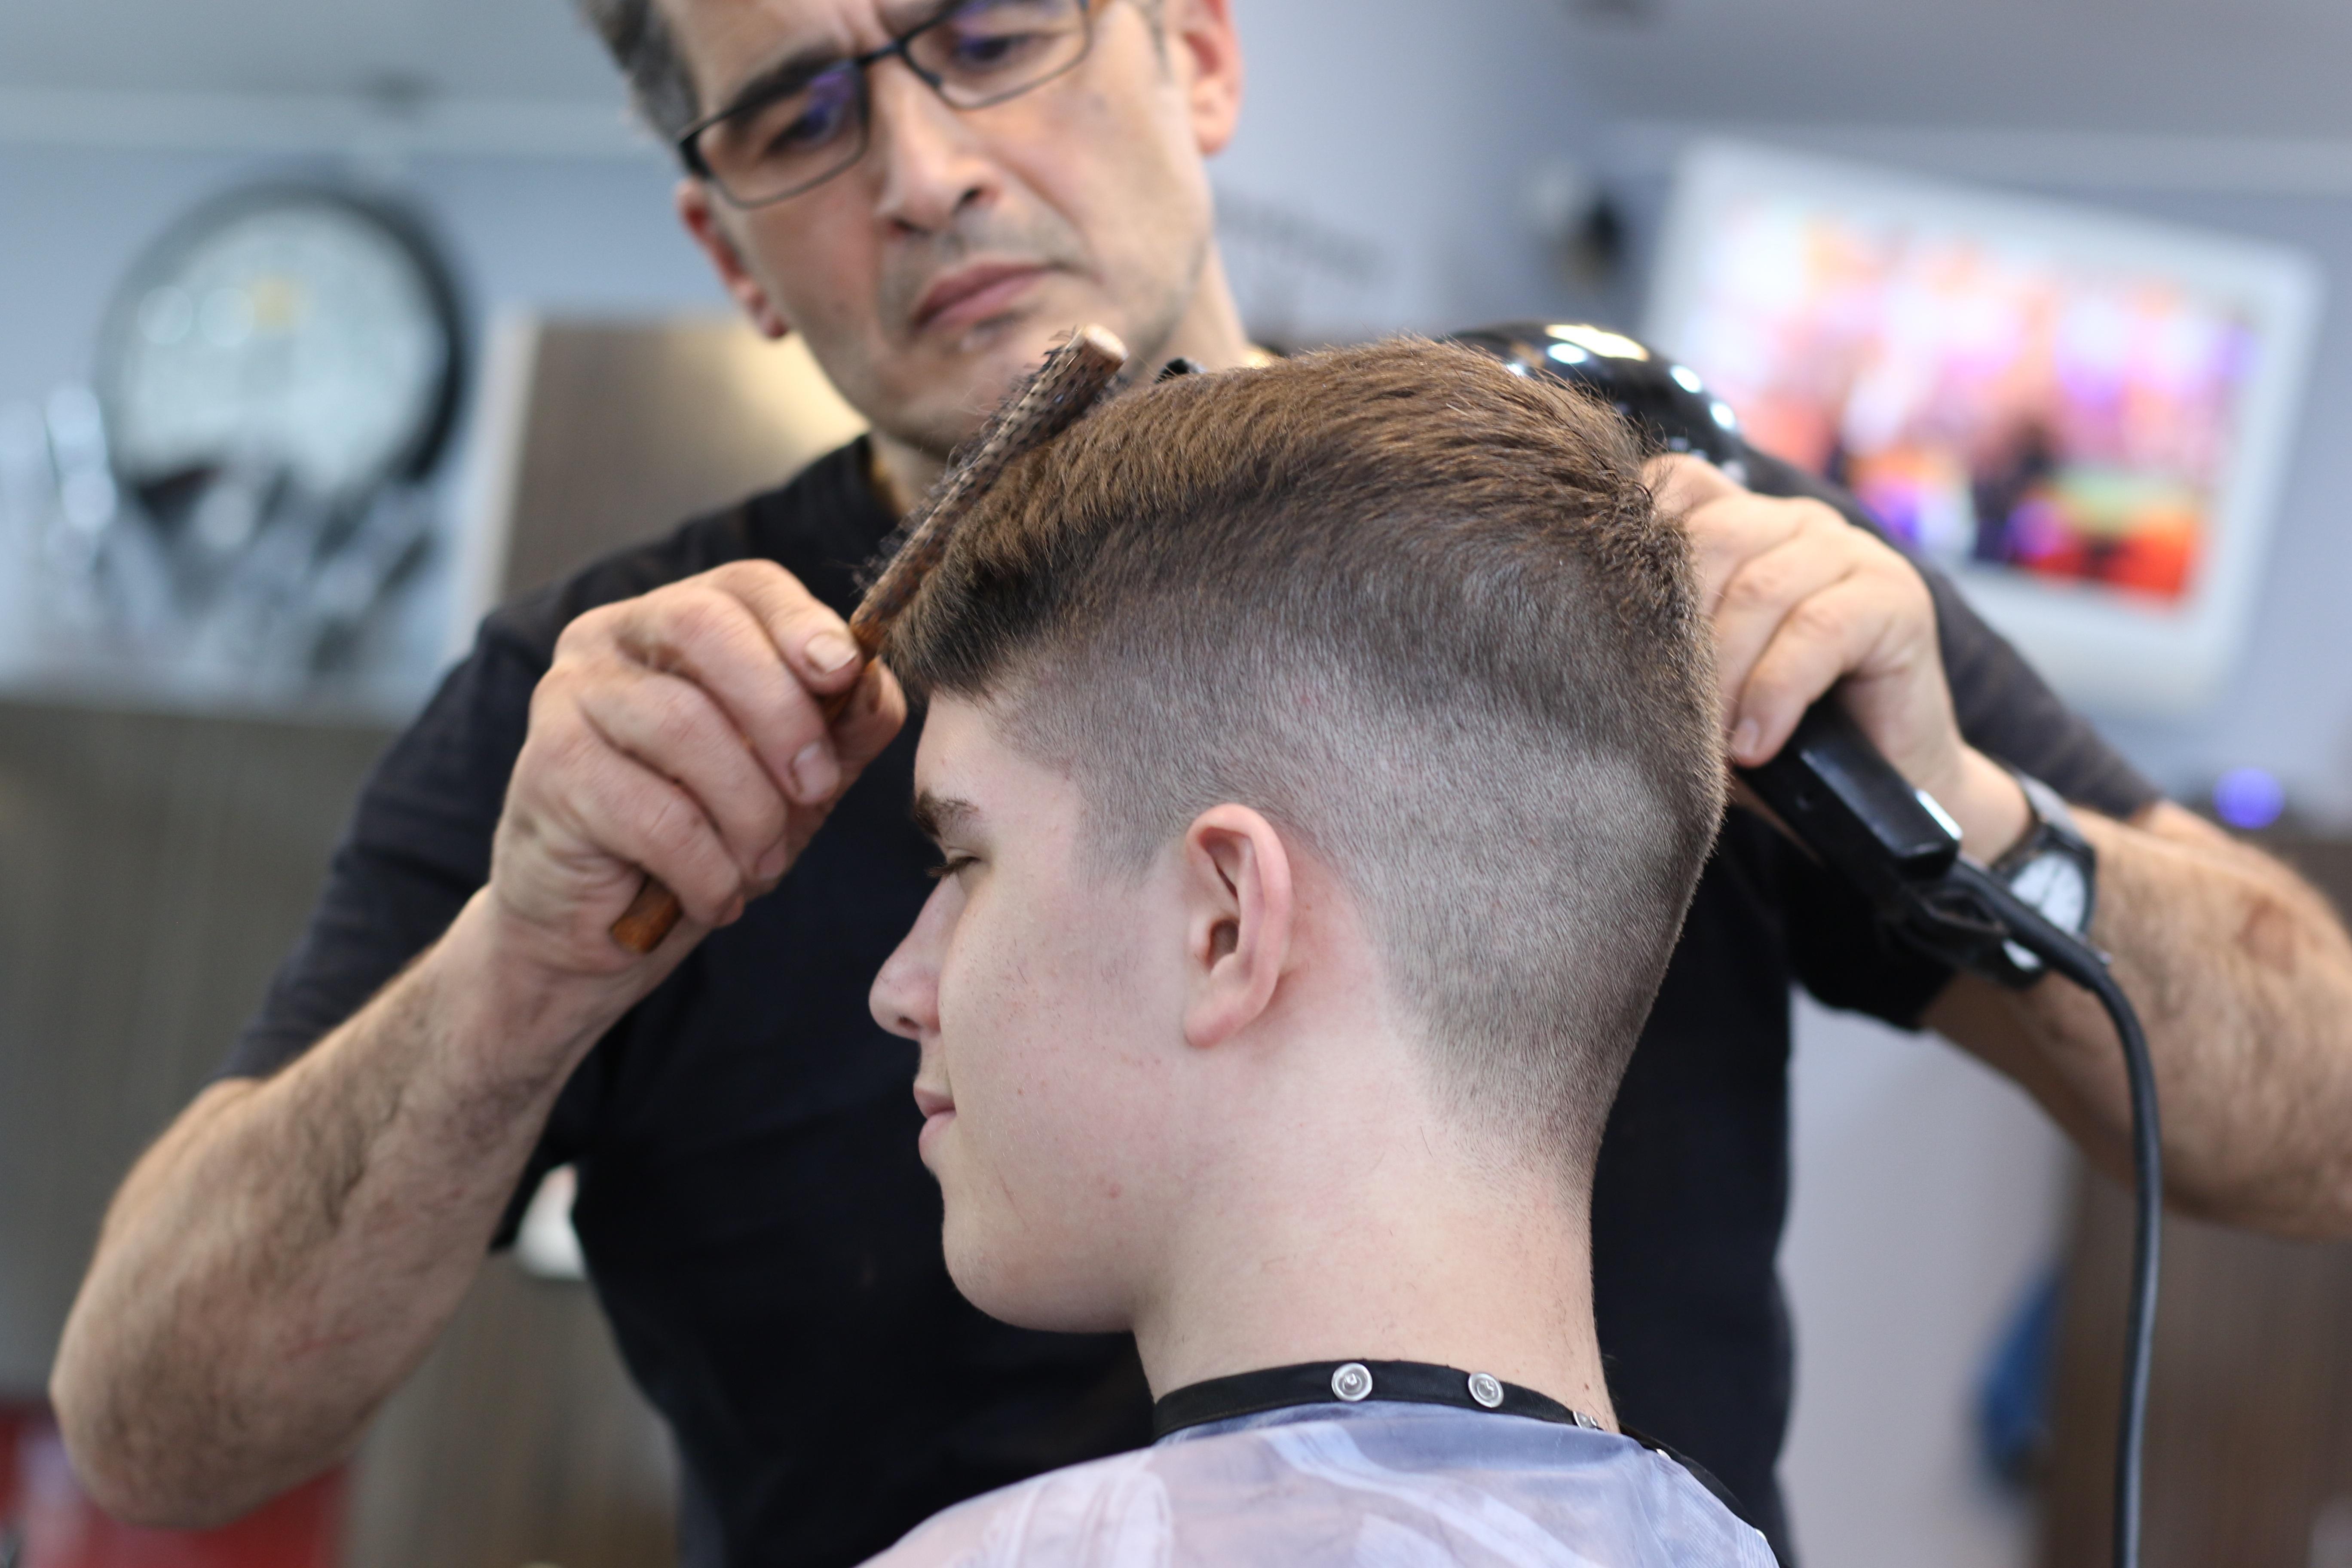 haircut-4019676